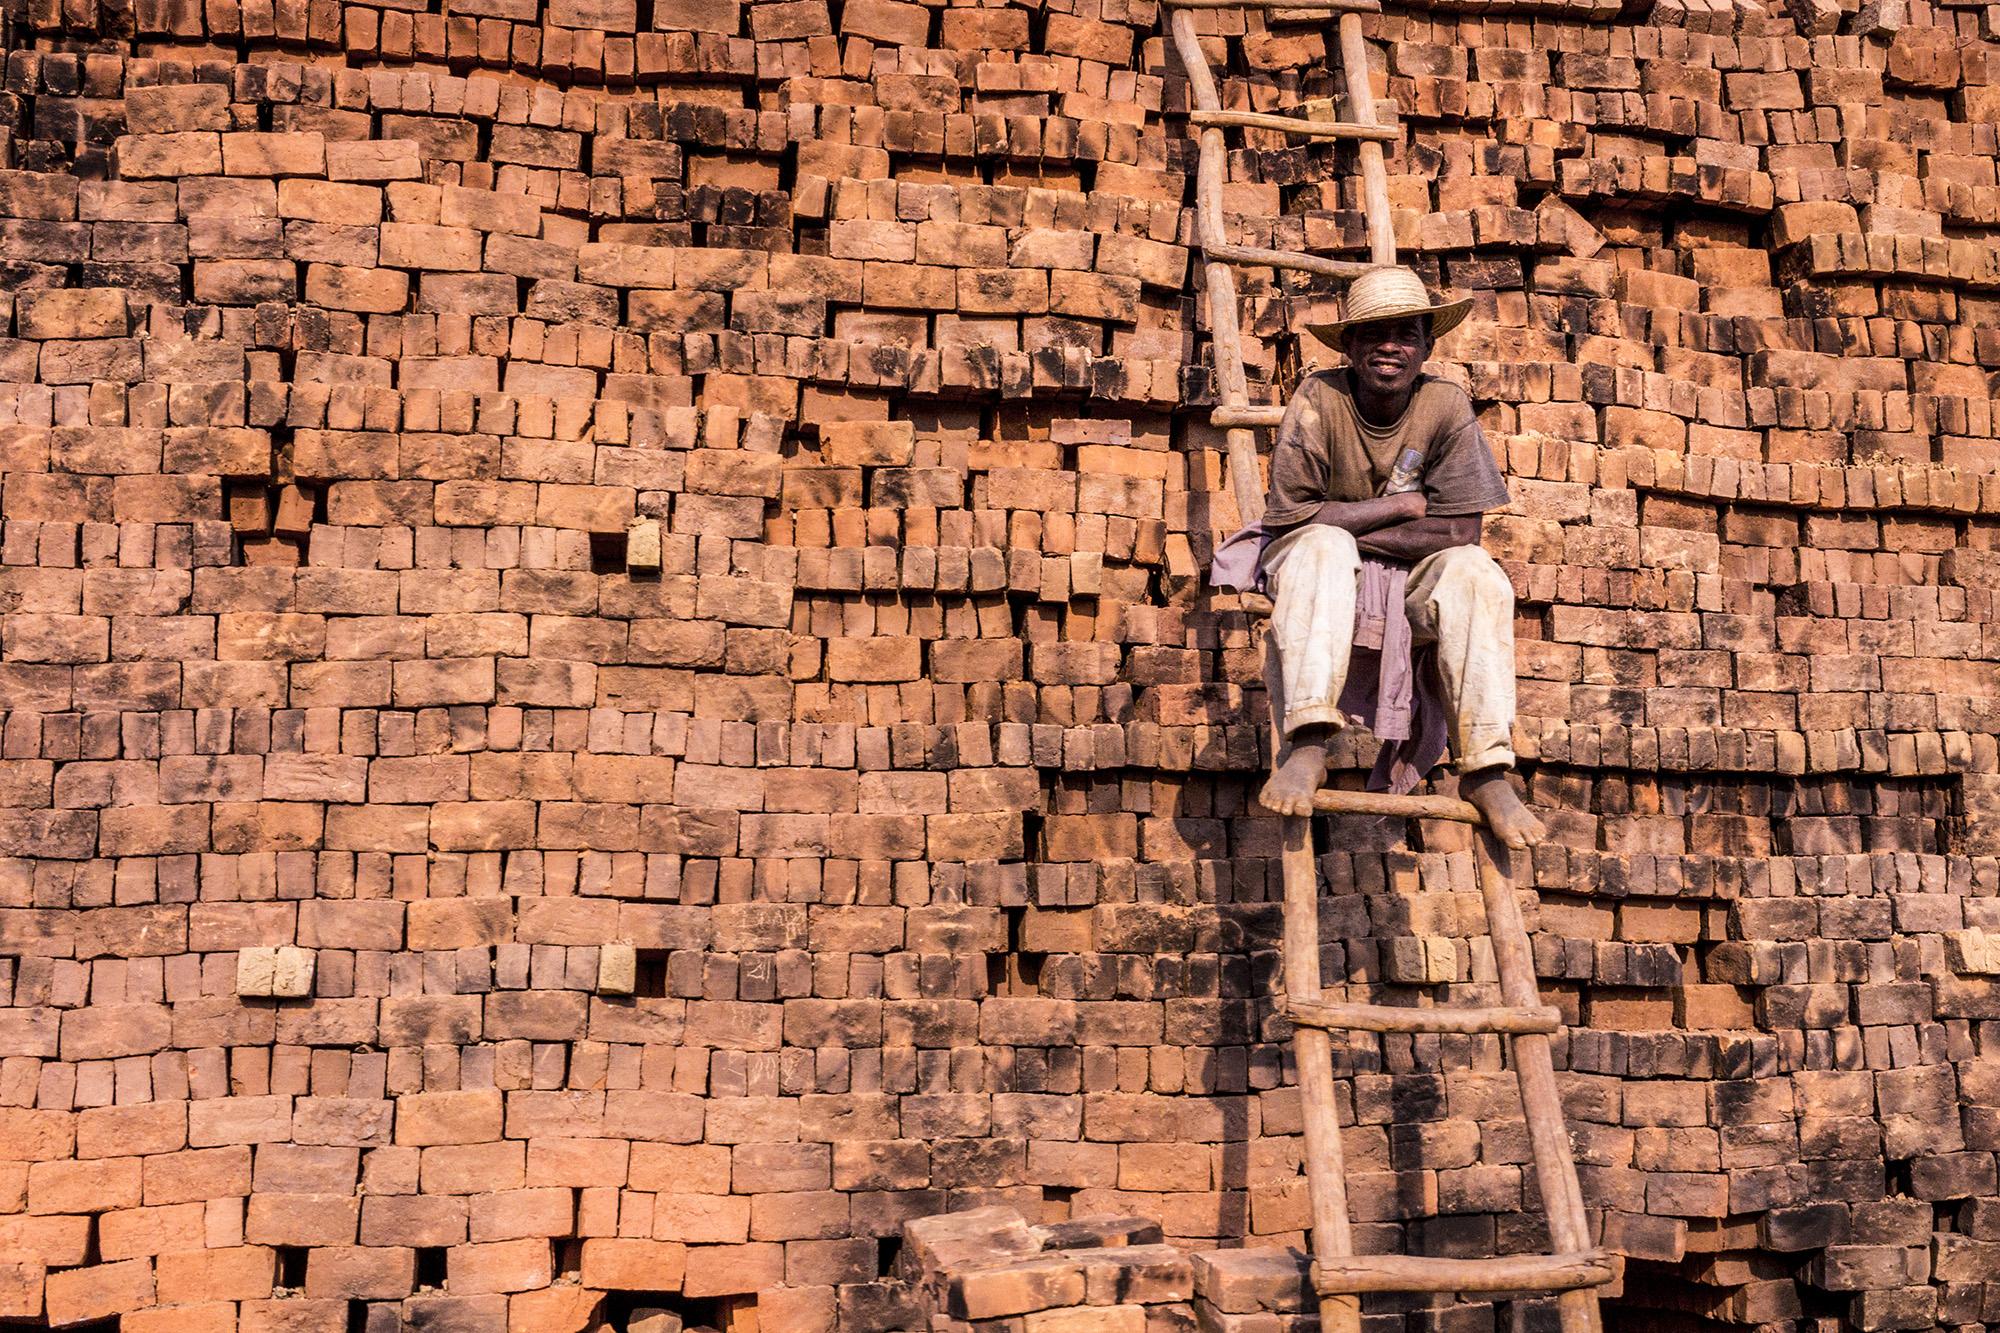 Briqueteries de Madagascar